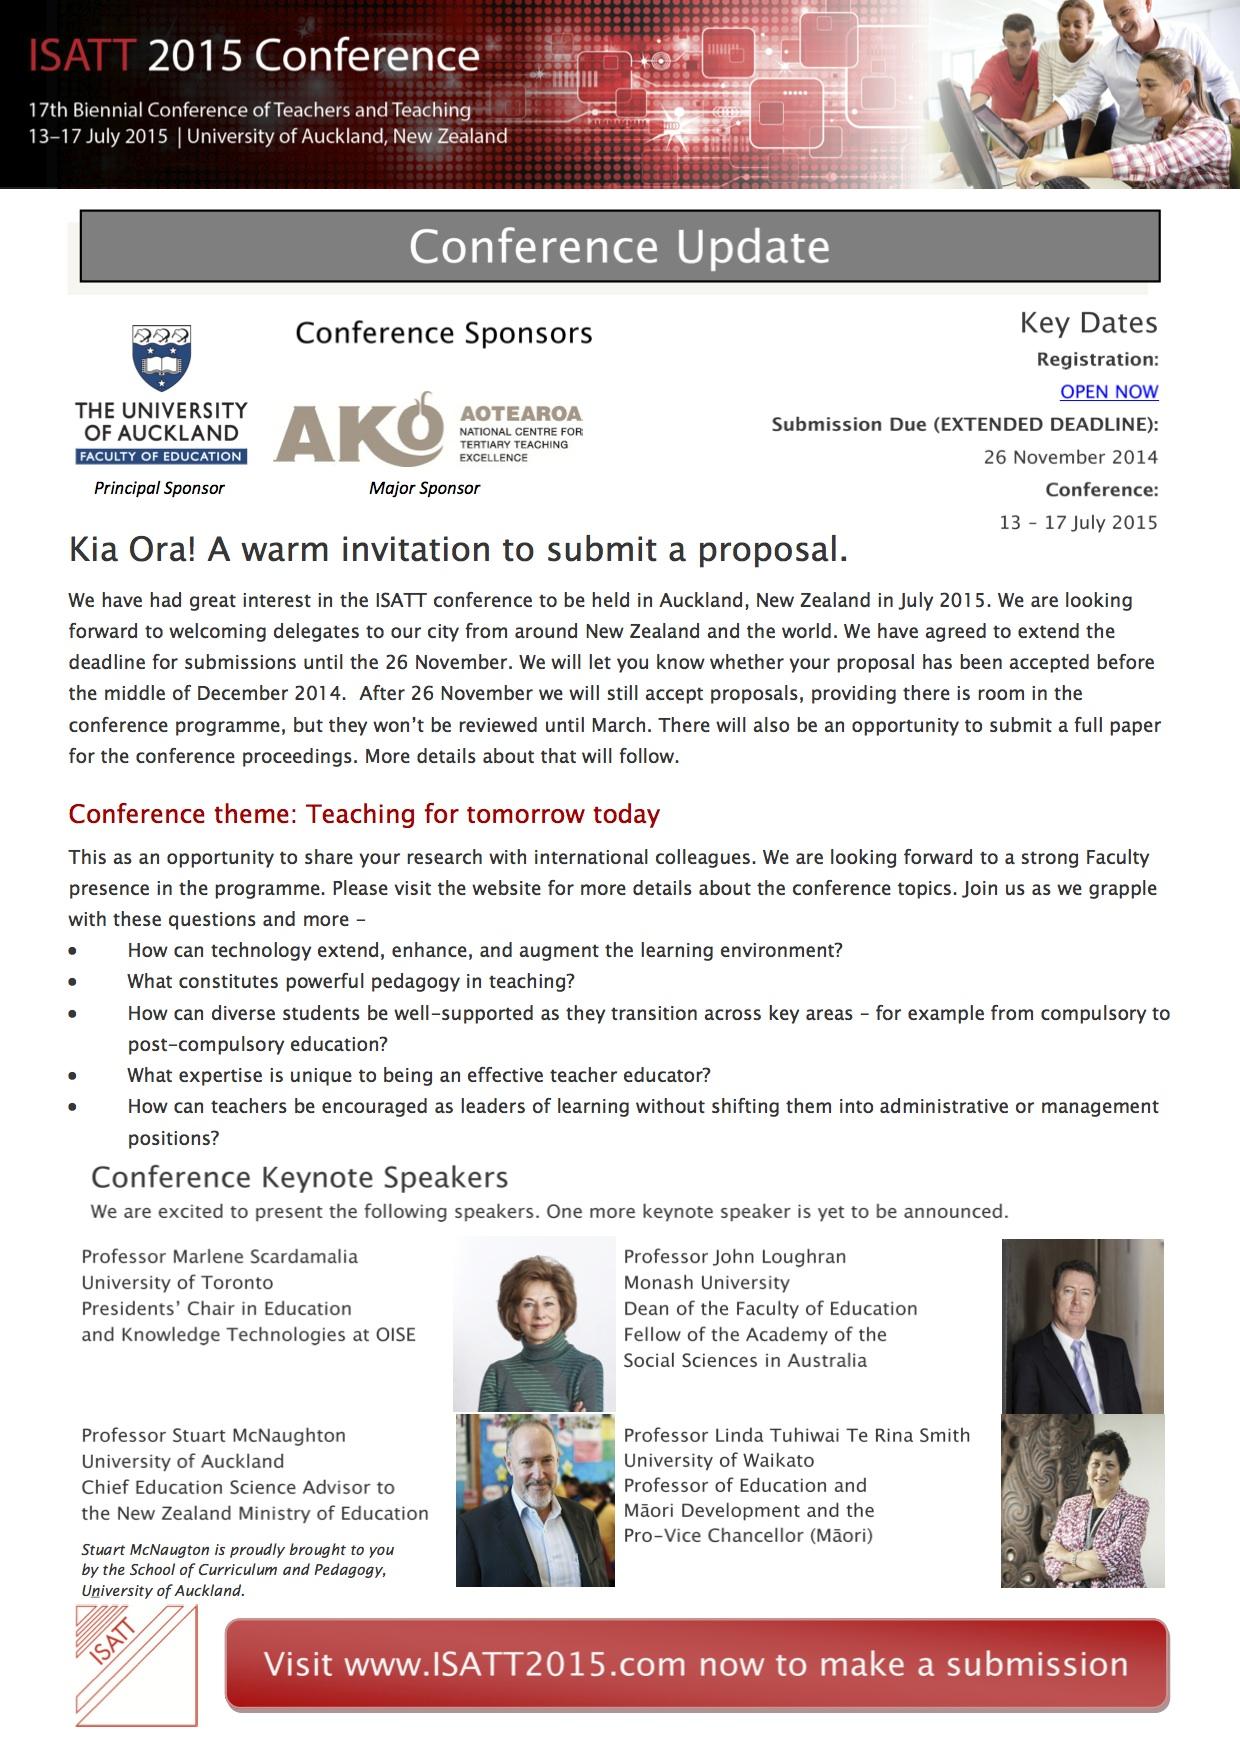 ISATT 2015 Conference Flyer